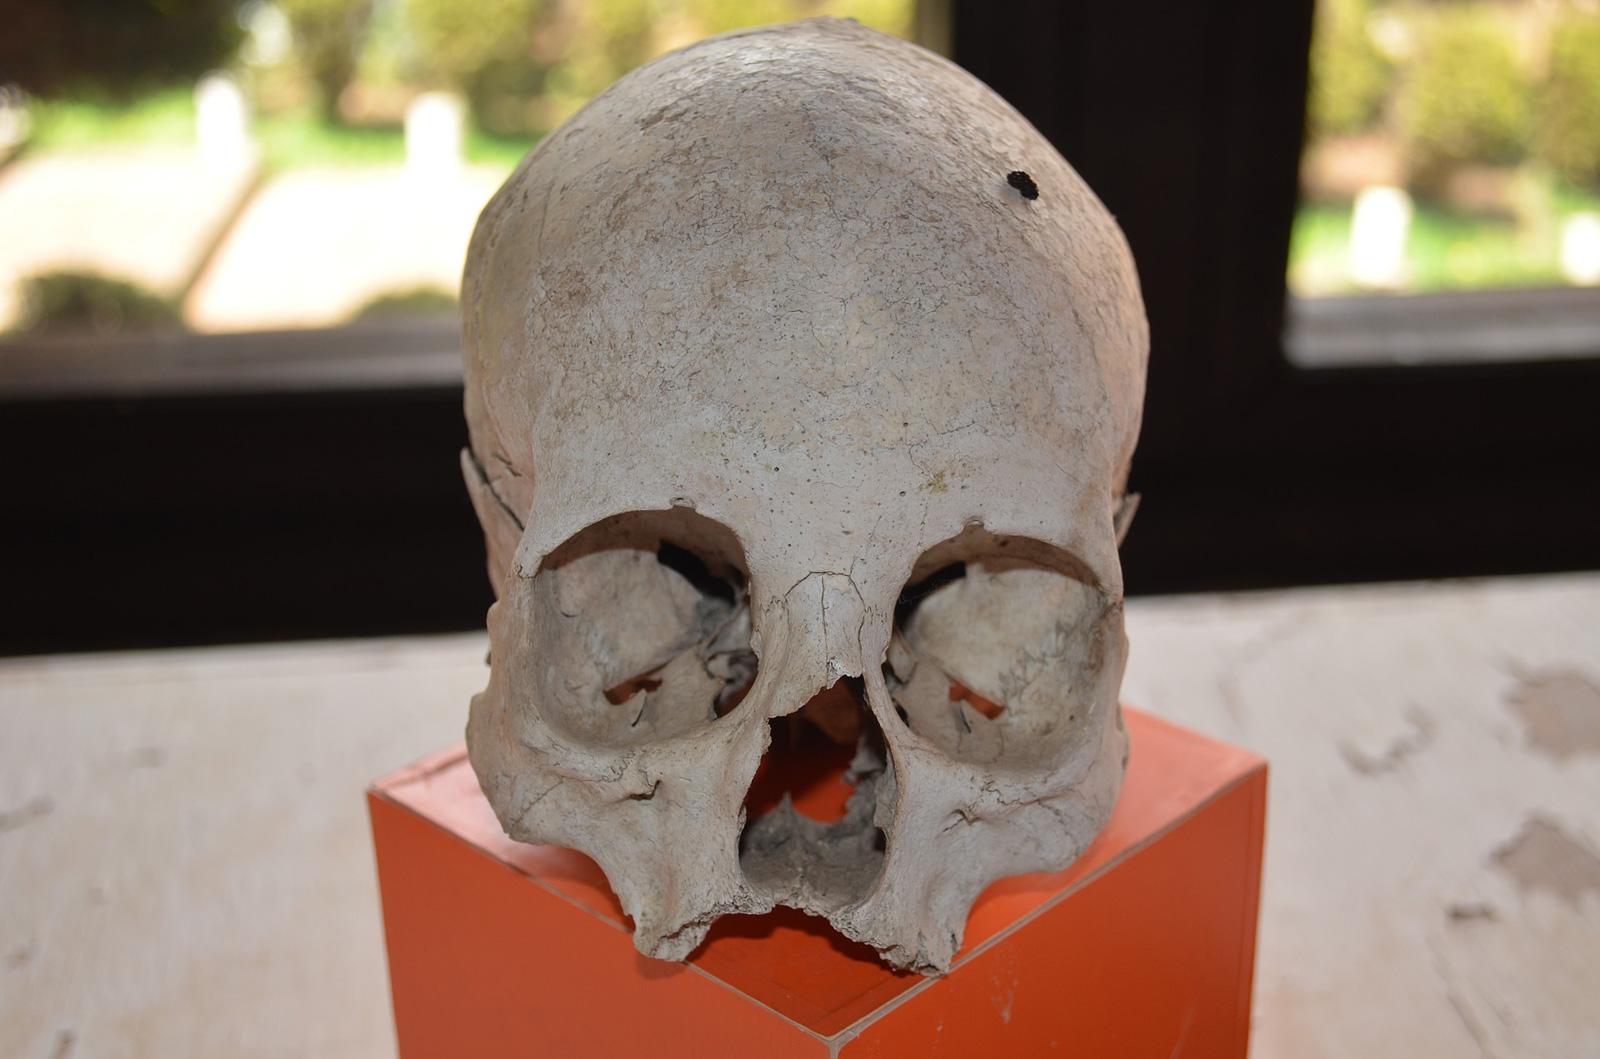 Des ossements humains découverts sur un chantier à Metz